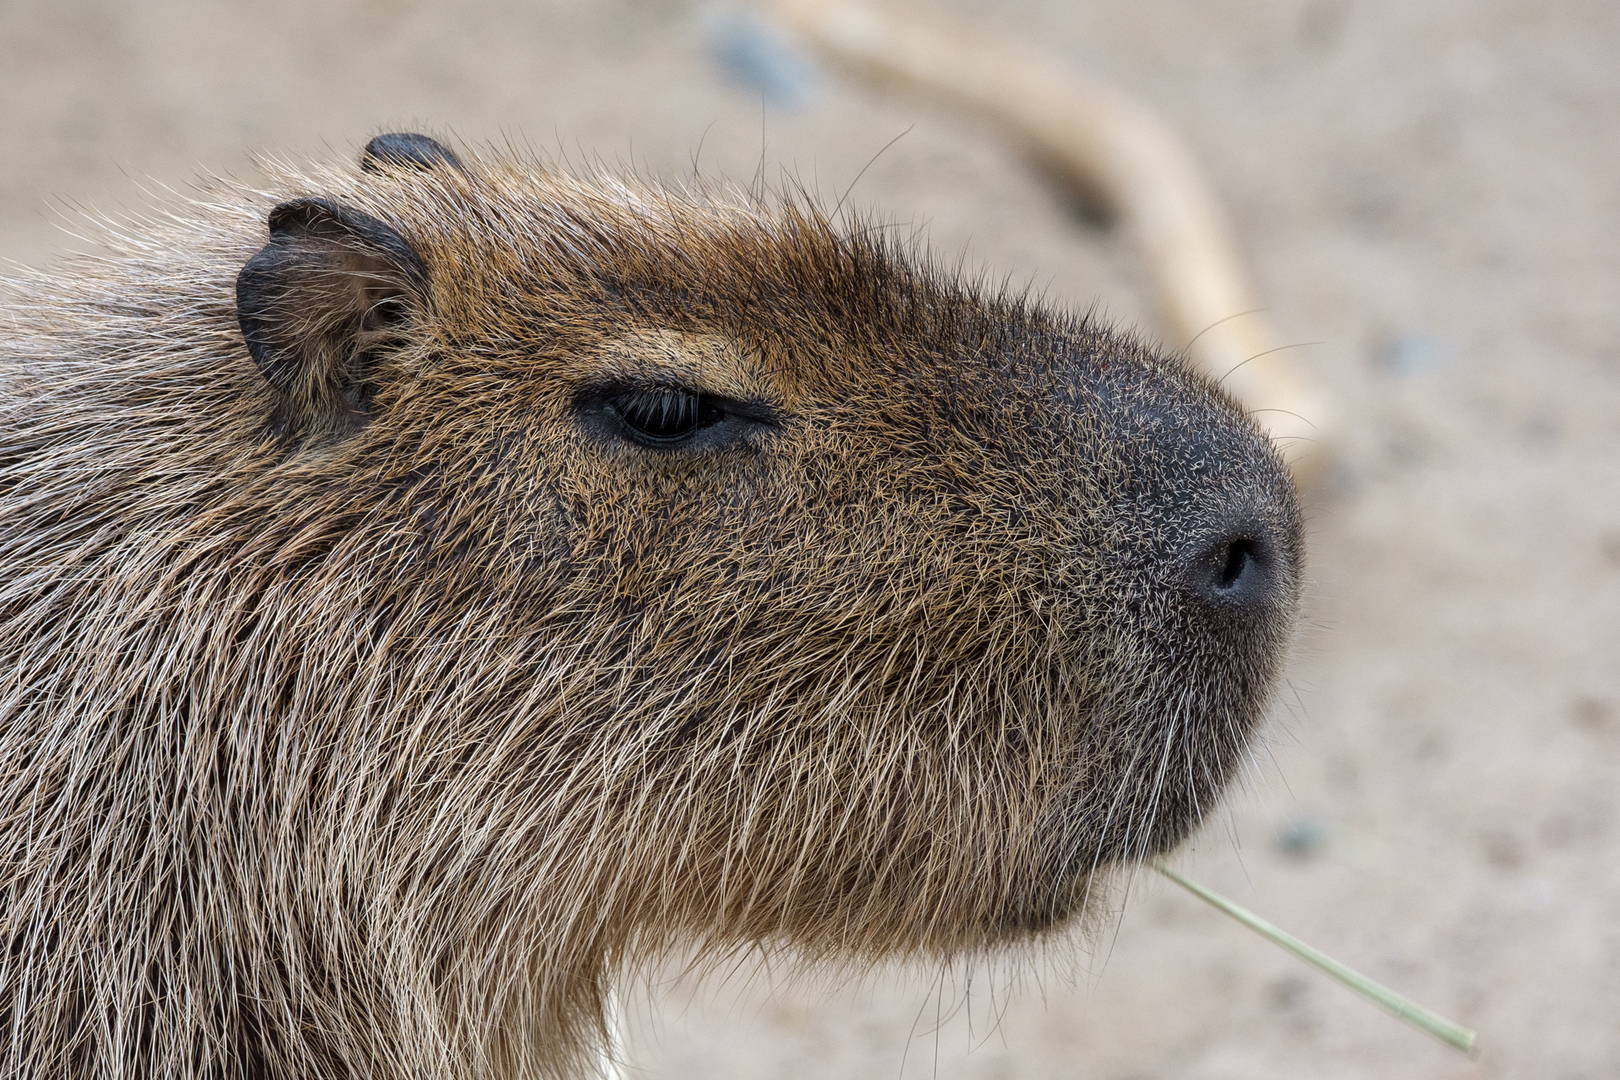 Capybara oder Wasserschwein (Hydrochoerus hydrochaeris)